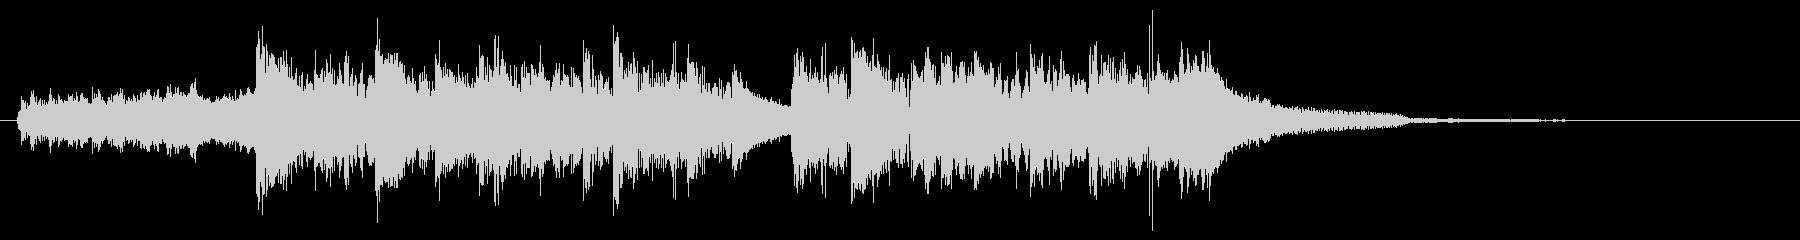 ハードインパクト!重低音ダブステップロゴの未再生の波形